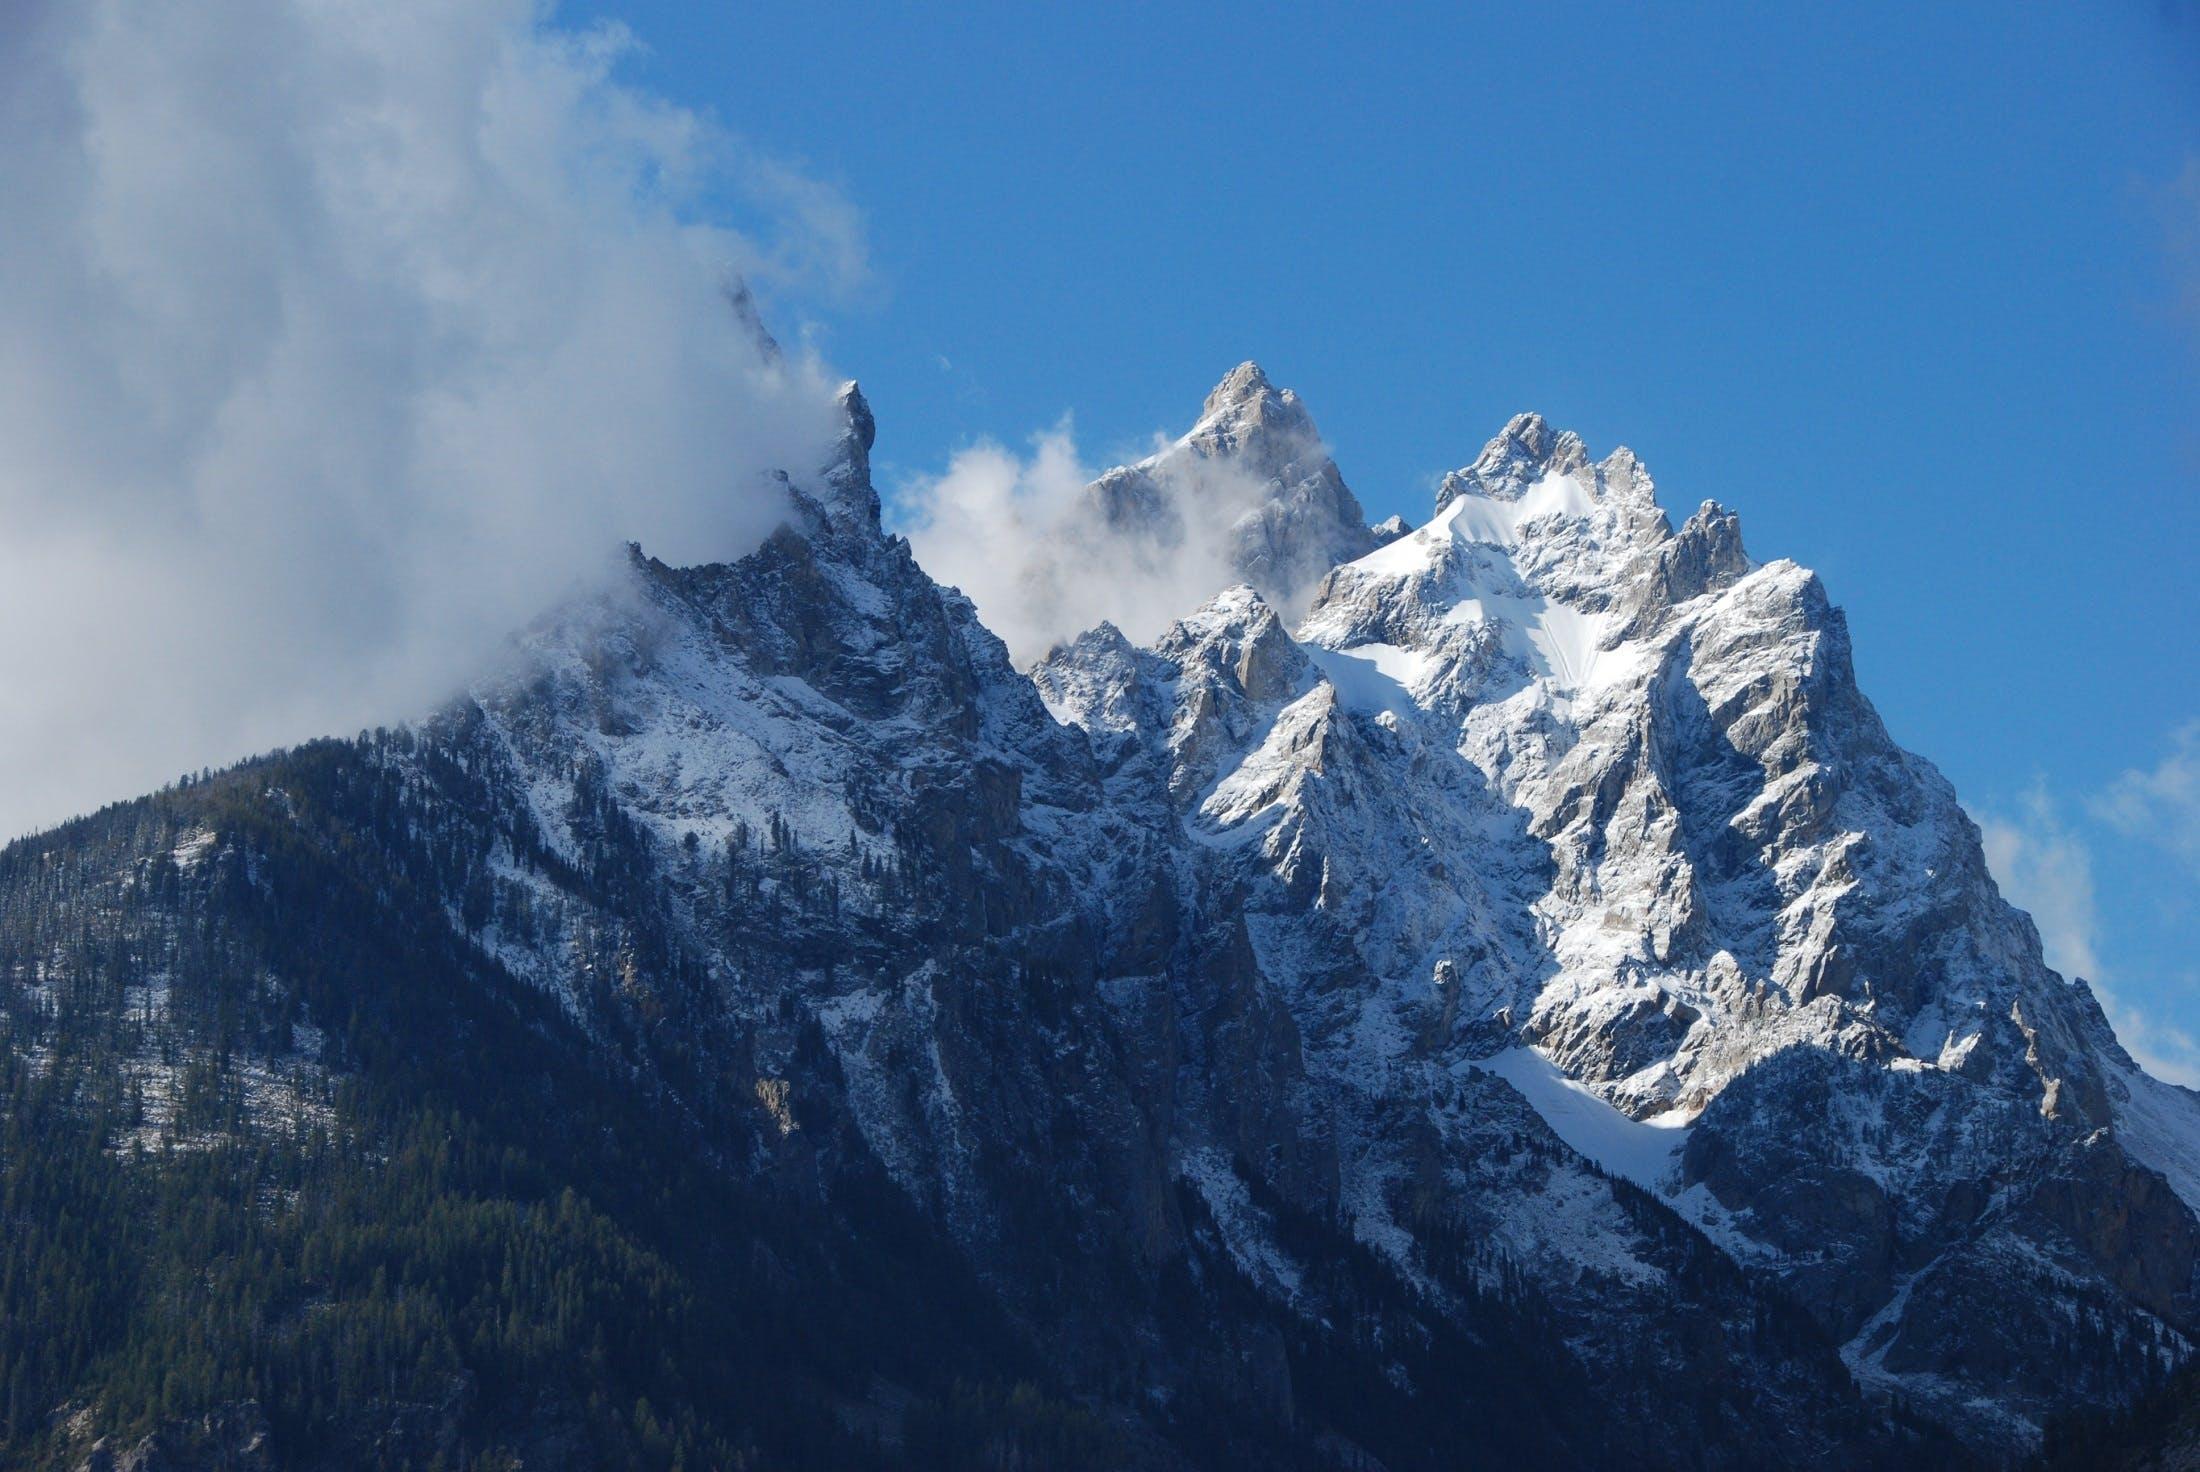 冷, 天性, 岩石的, 景觀 的 免費圖庫相片